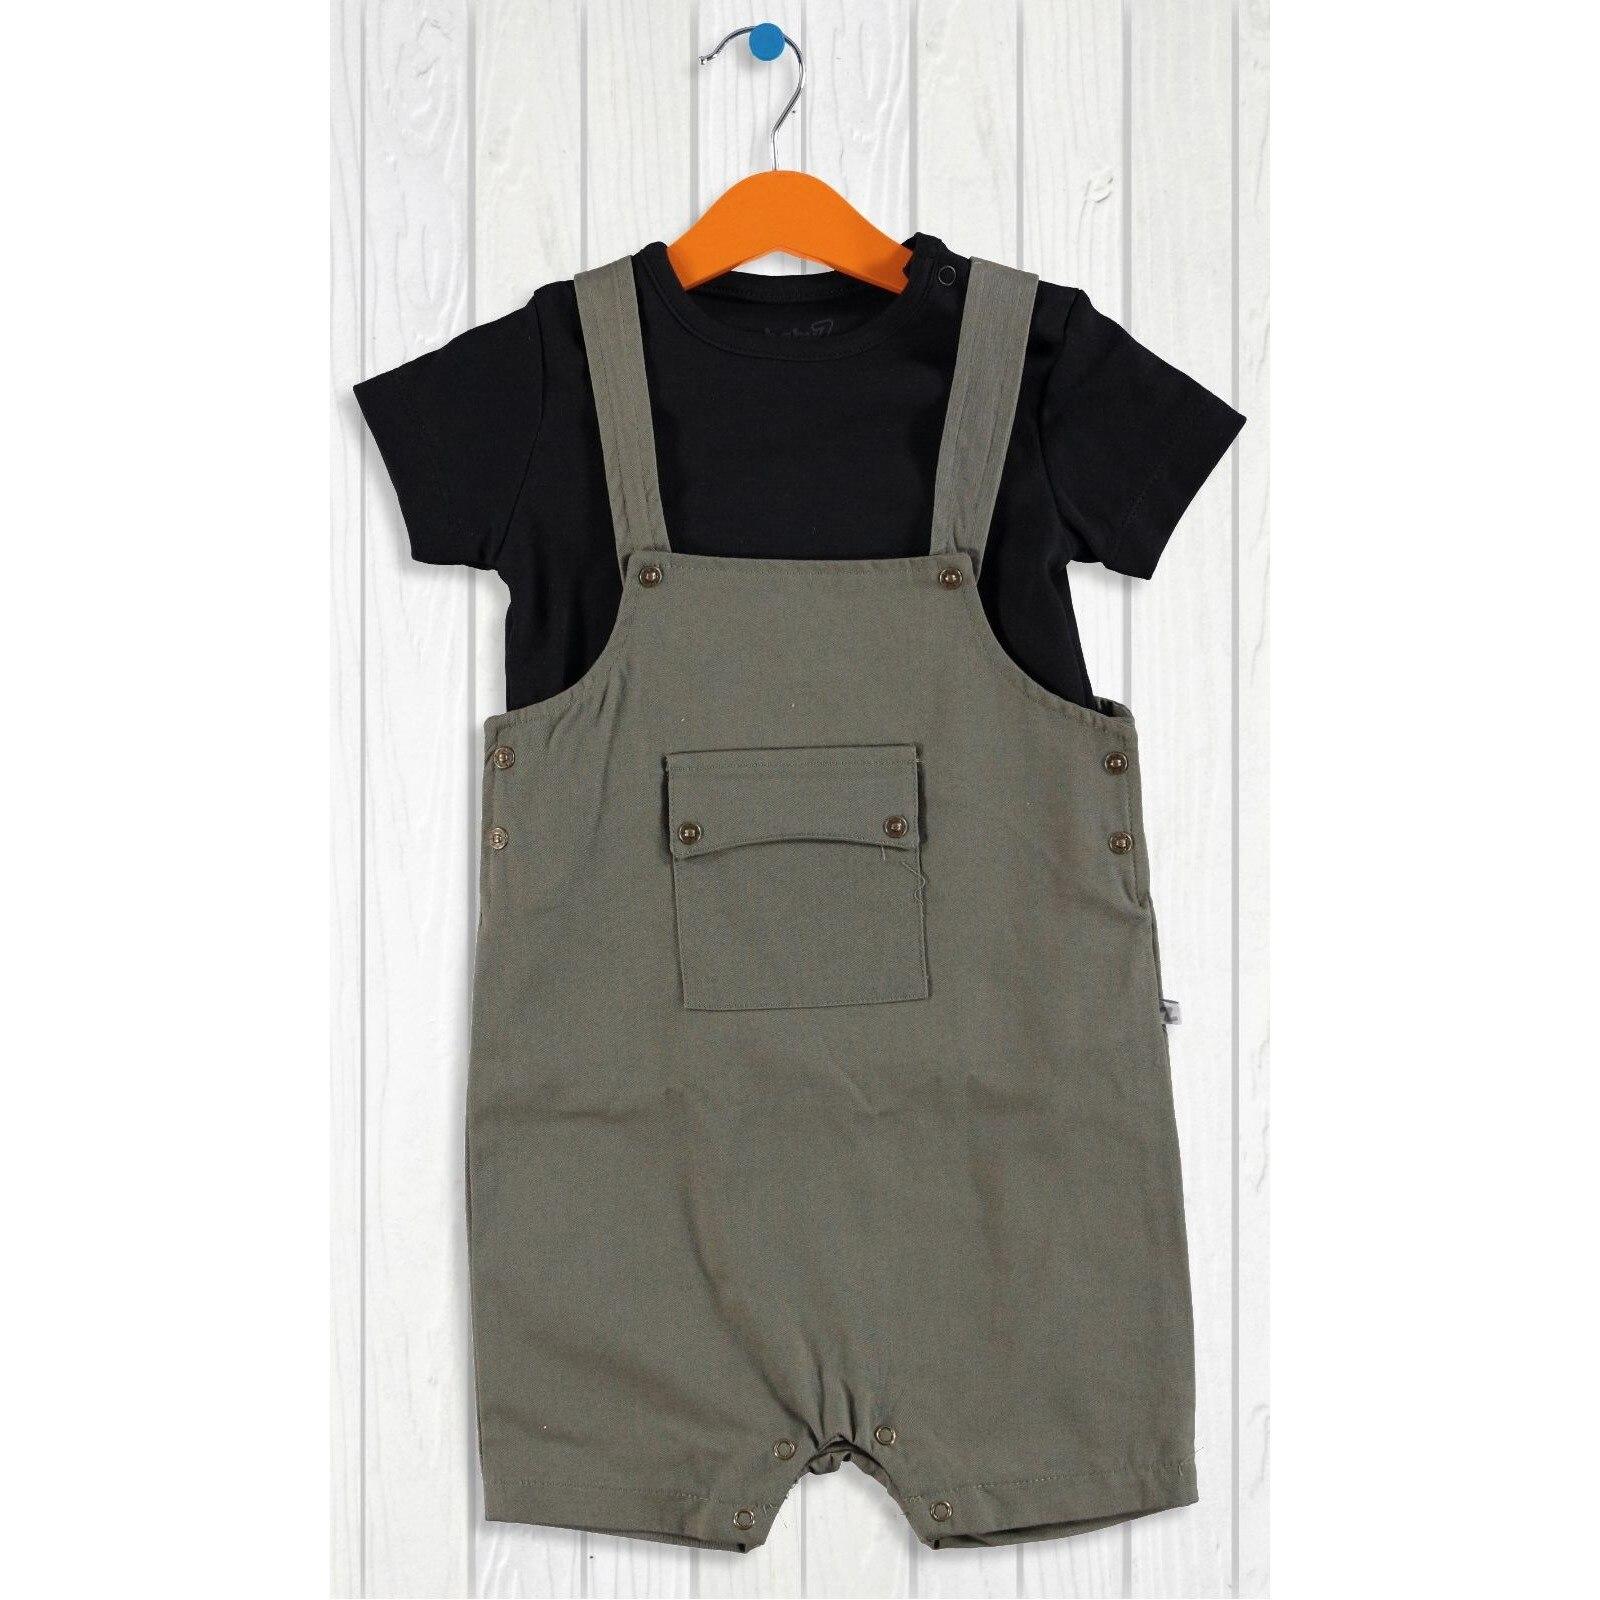 Ebebek BabyZ Baby Boy Camouflage Shorts Dungarees Tshirt Set